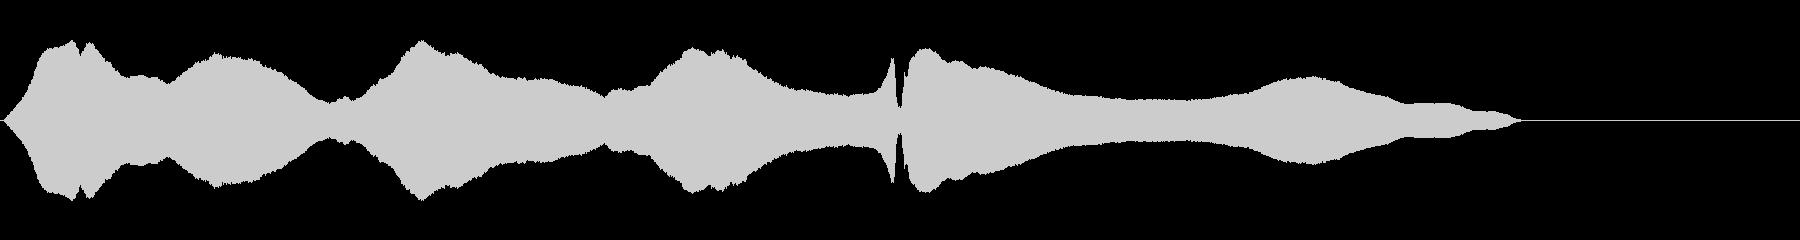 トロンボーン:ゆらゆら揺れる、漫画...の未再生の波形